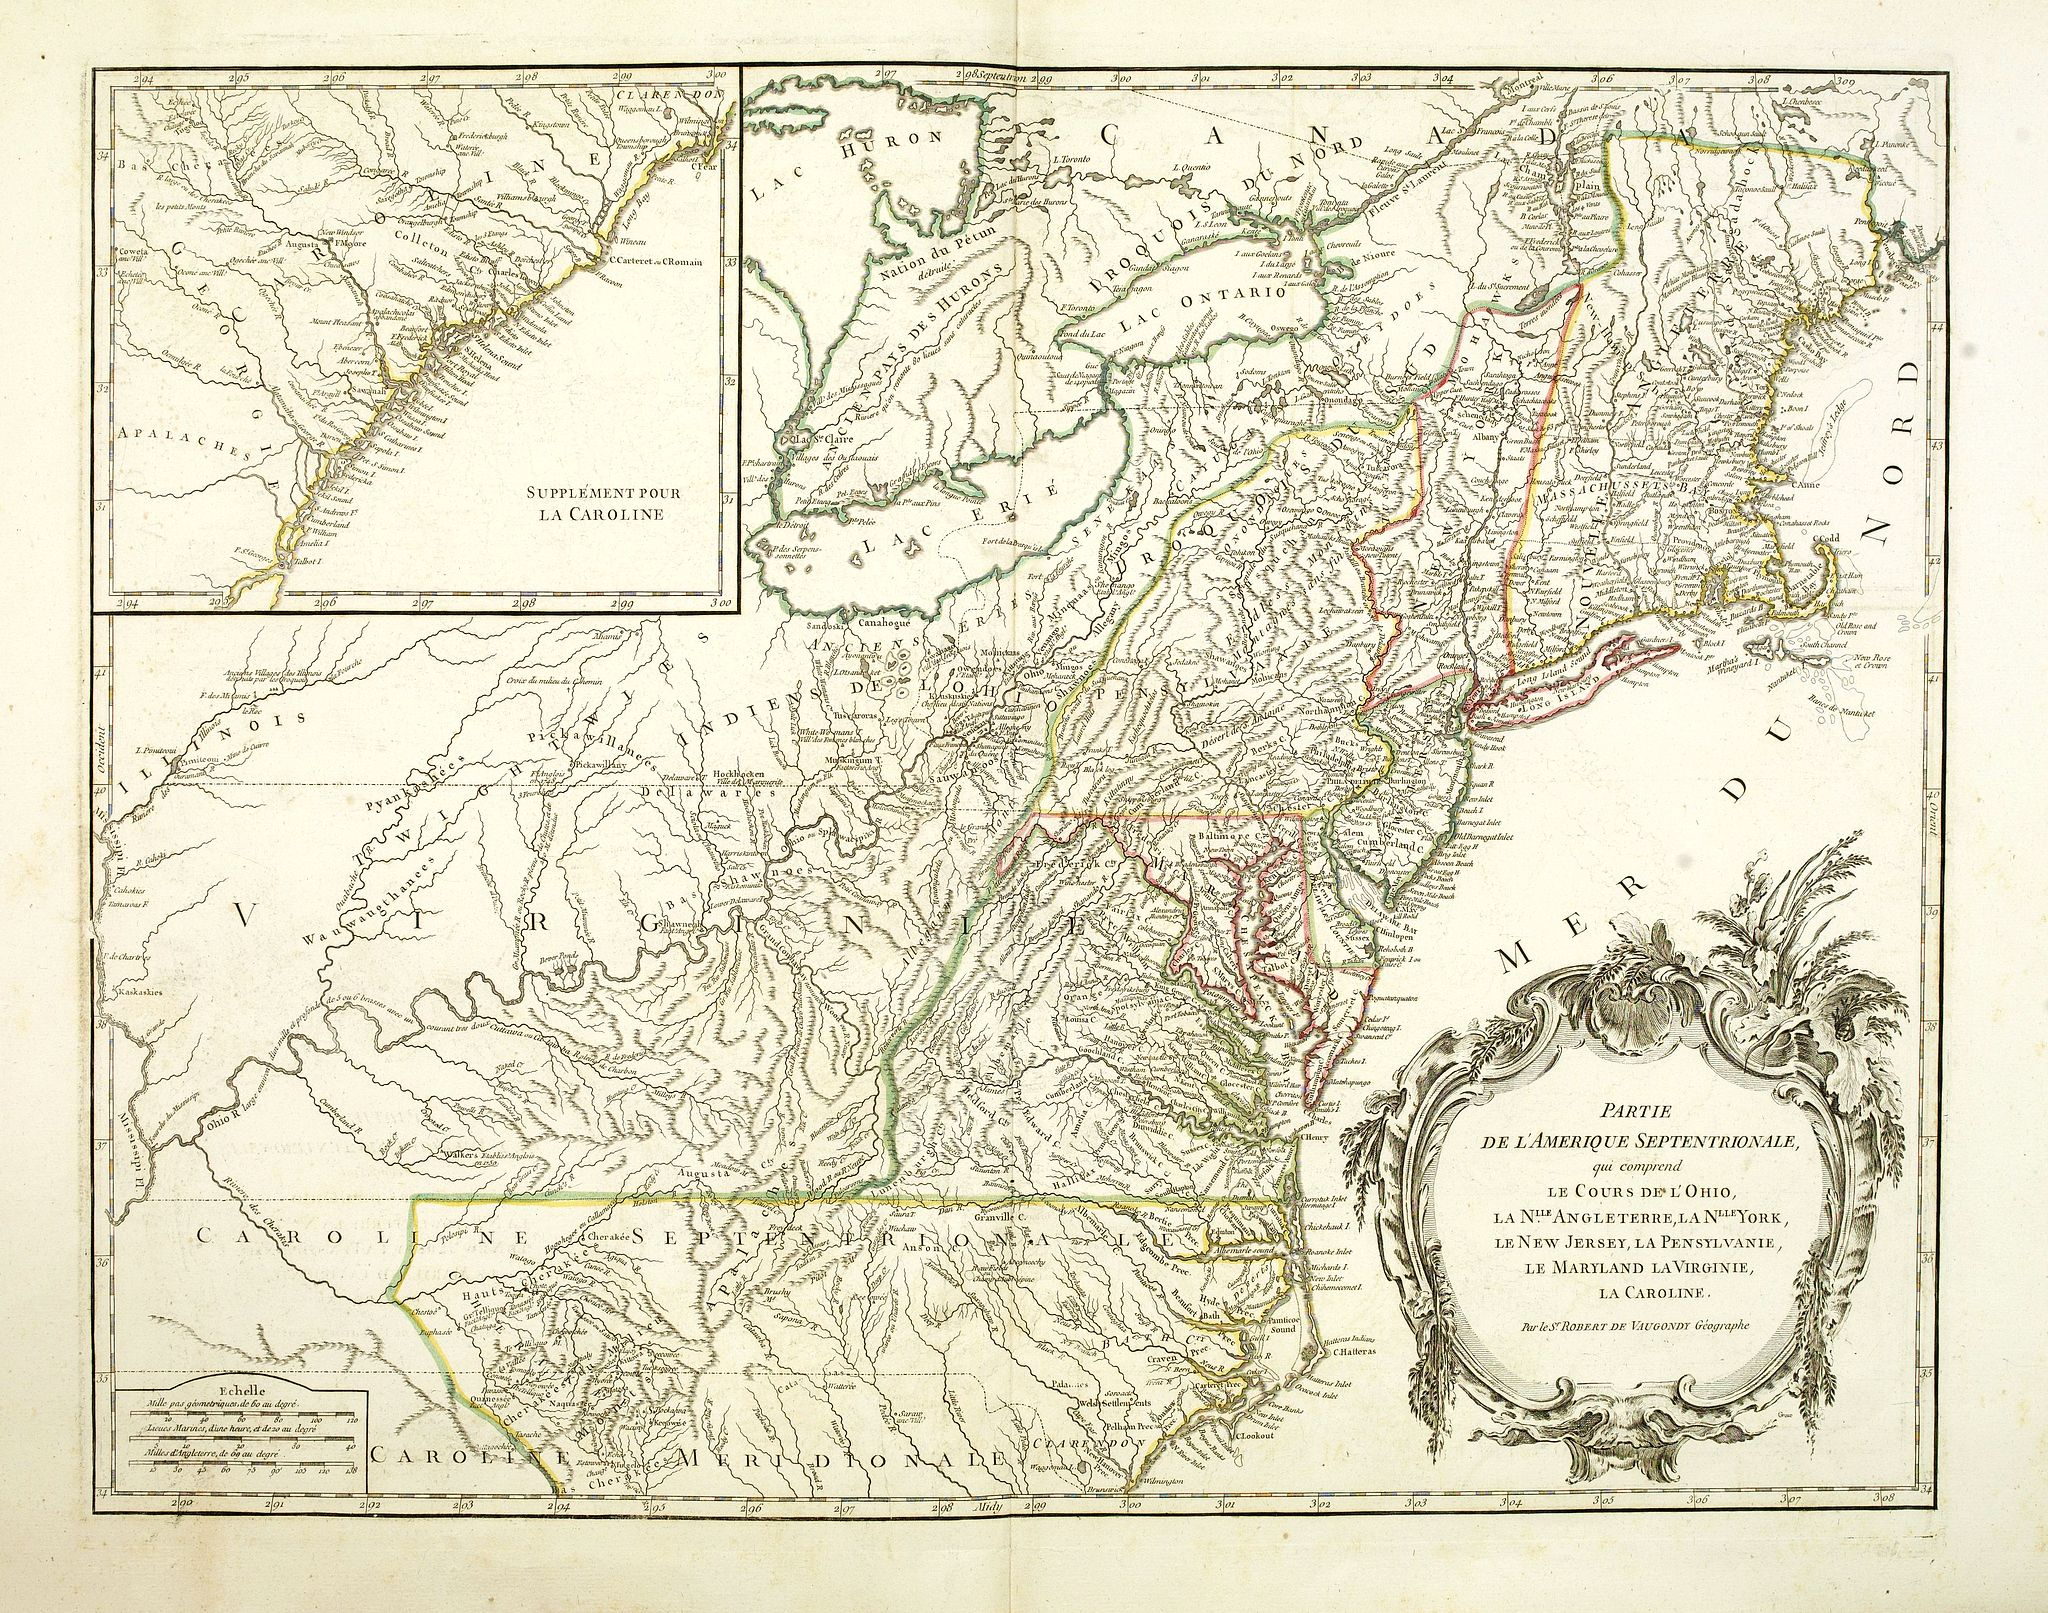 DE VAUGONDY, R. de -  Partie De L'Amerique Septentrionale... Le Cours De L'Ohio, La N.lle Angleterre, a Nlle York, le New Jersey , La Pensyvanie, Le Maryland, Le Virginie, La Carolina…1755